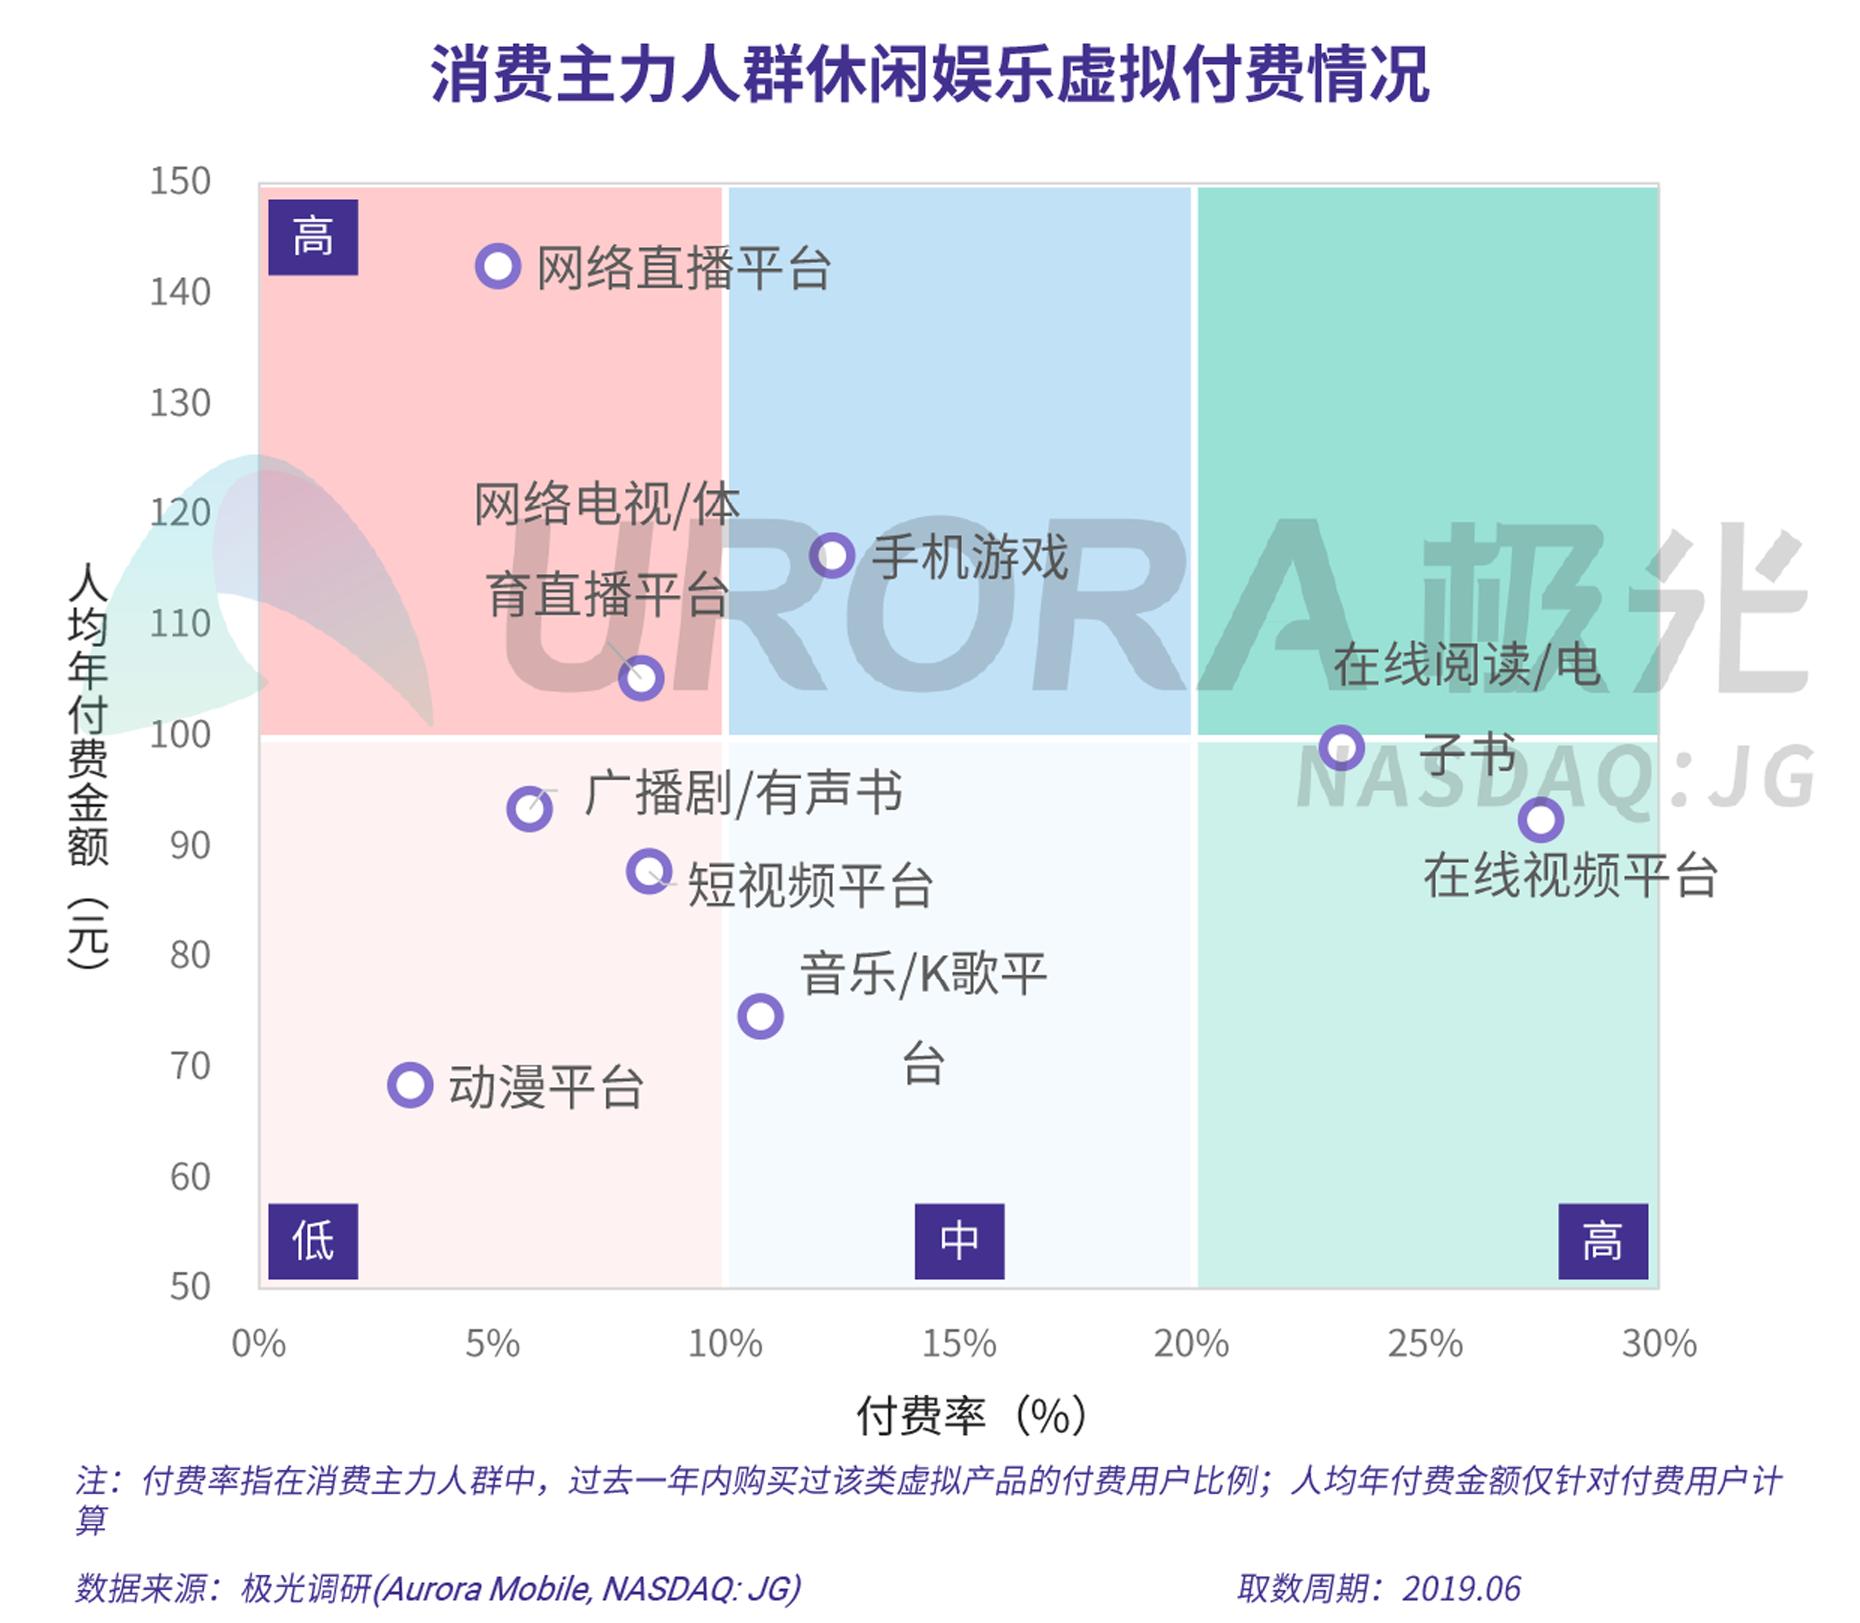 2019年消费主力人群虚拟产品付费研究报告-V5-9.png